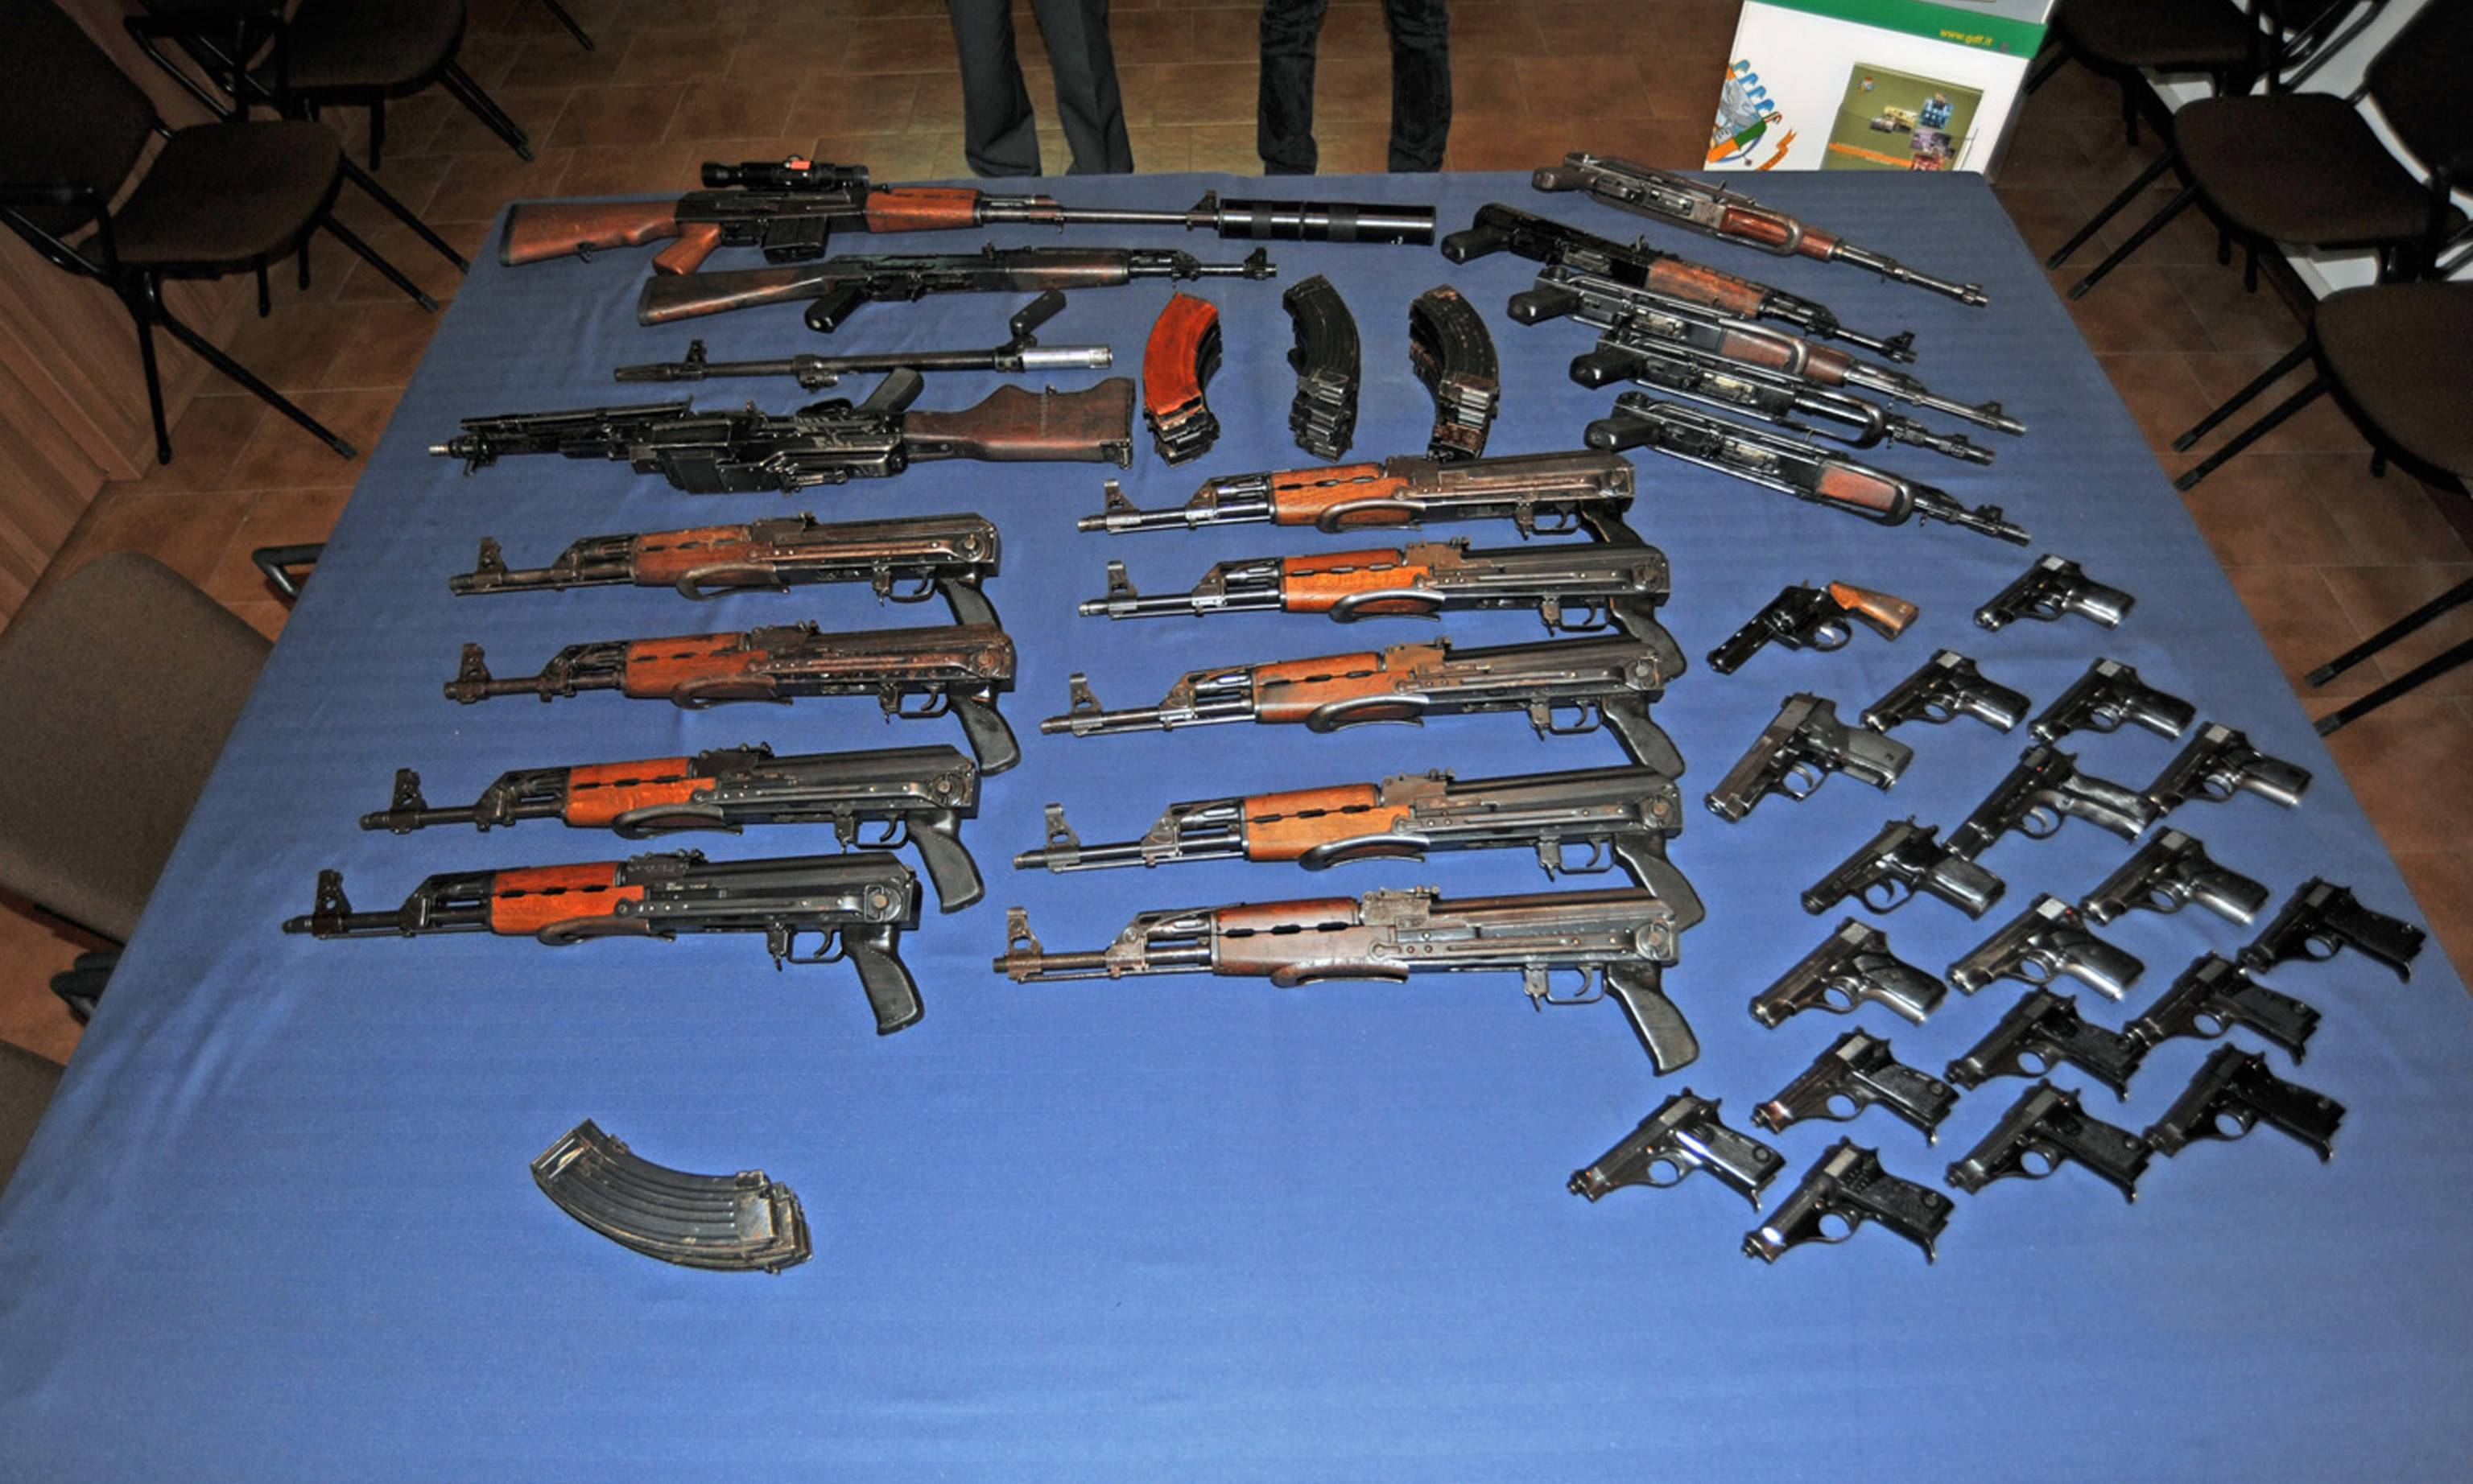 Usa: uomo con arsenale di armi minacciava altra strage in indiana